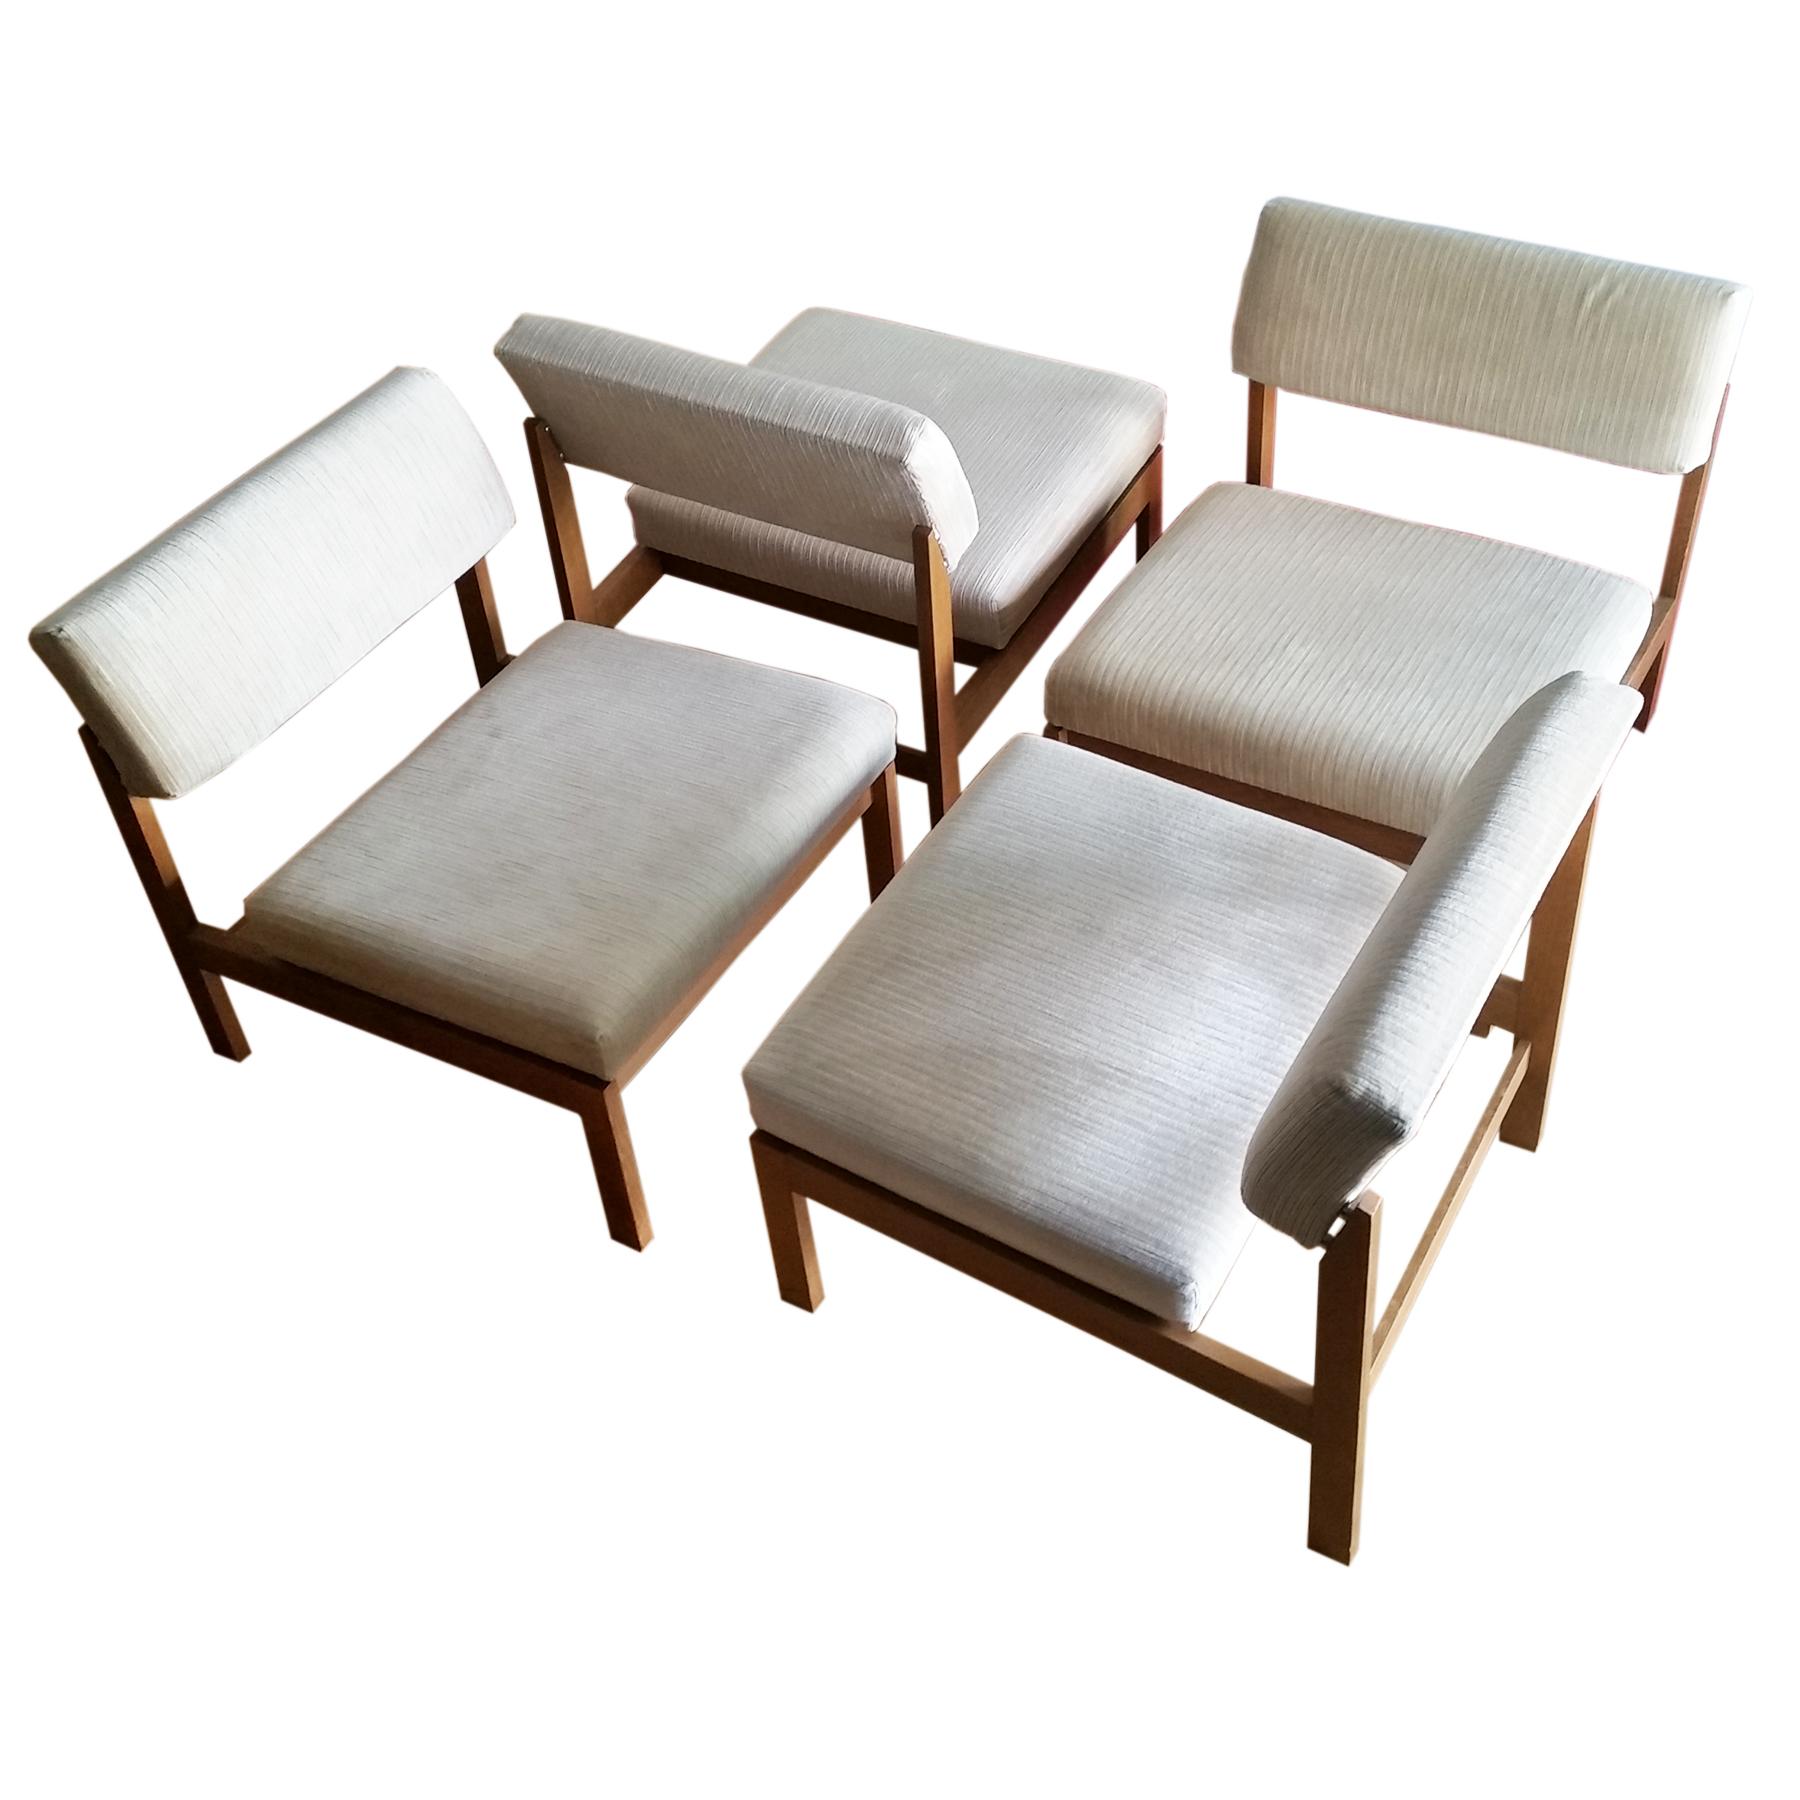 chair-swiss-design-guhl